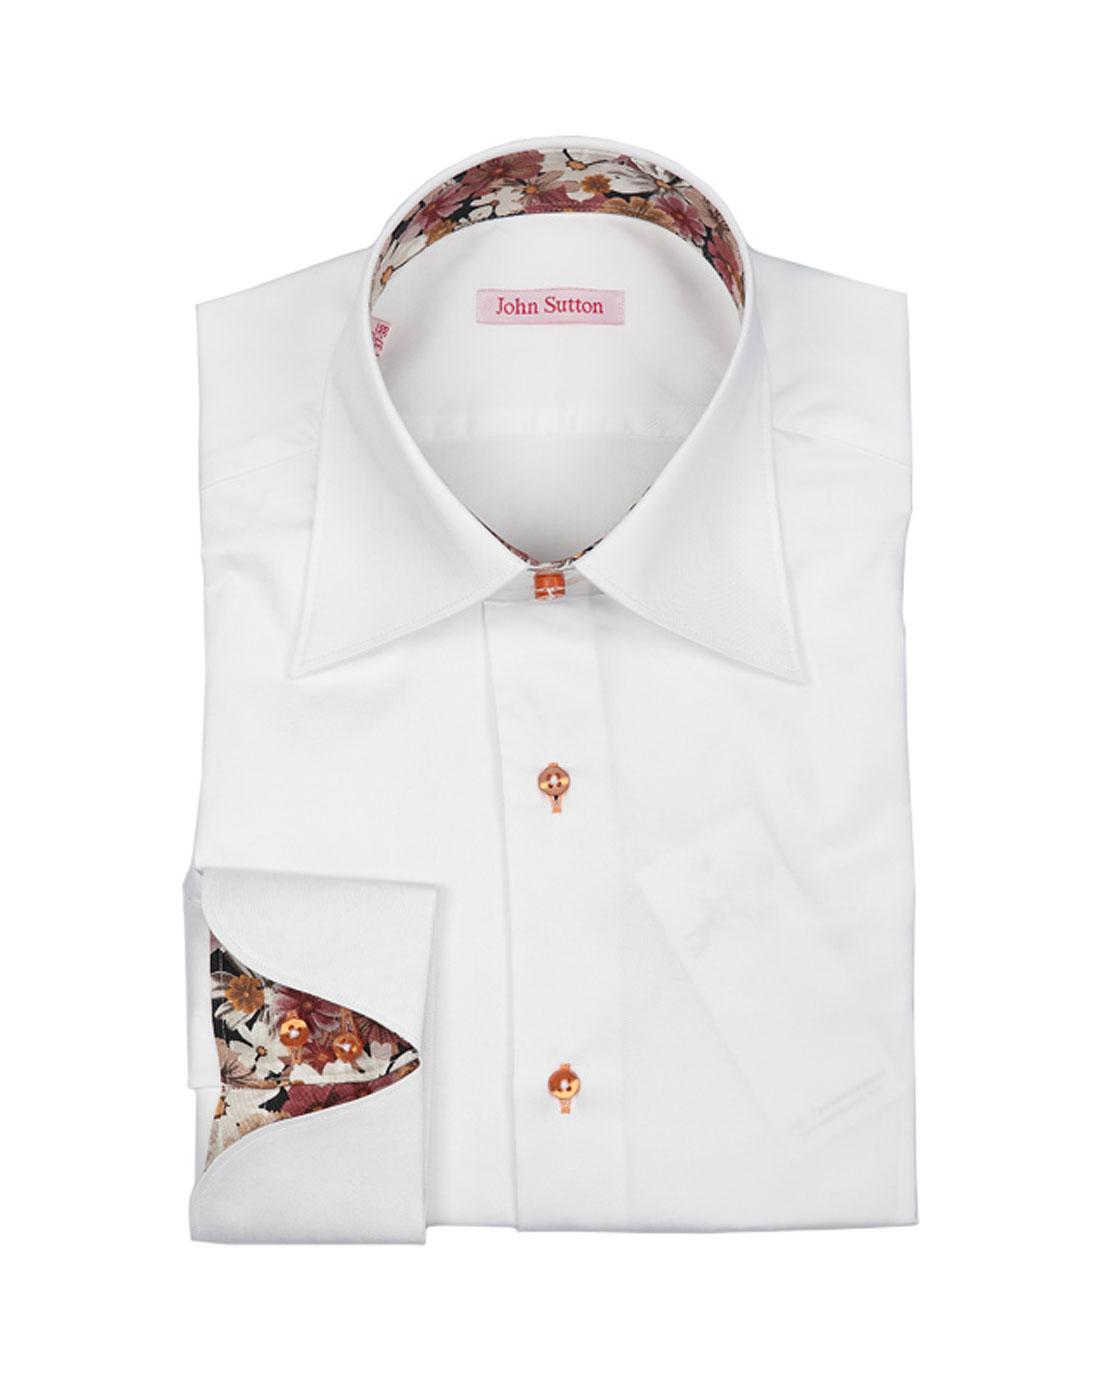 男款白/橙色花纹时尚长袖衬衫